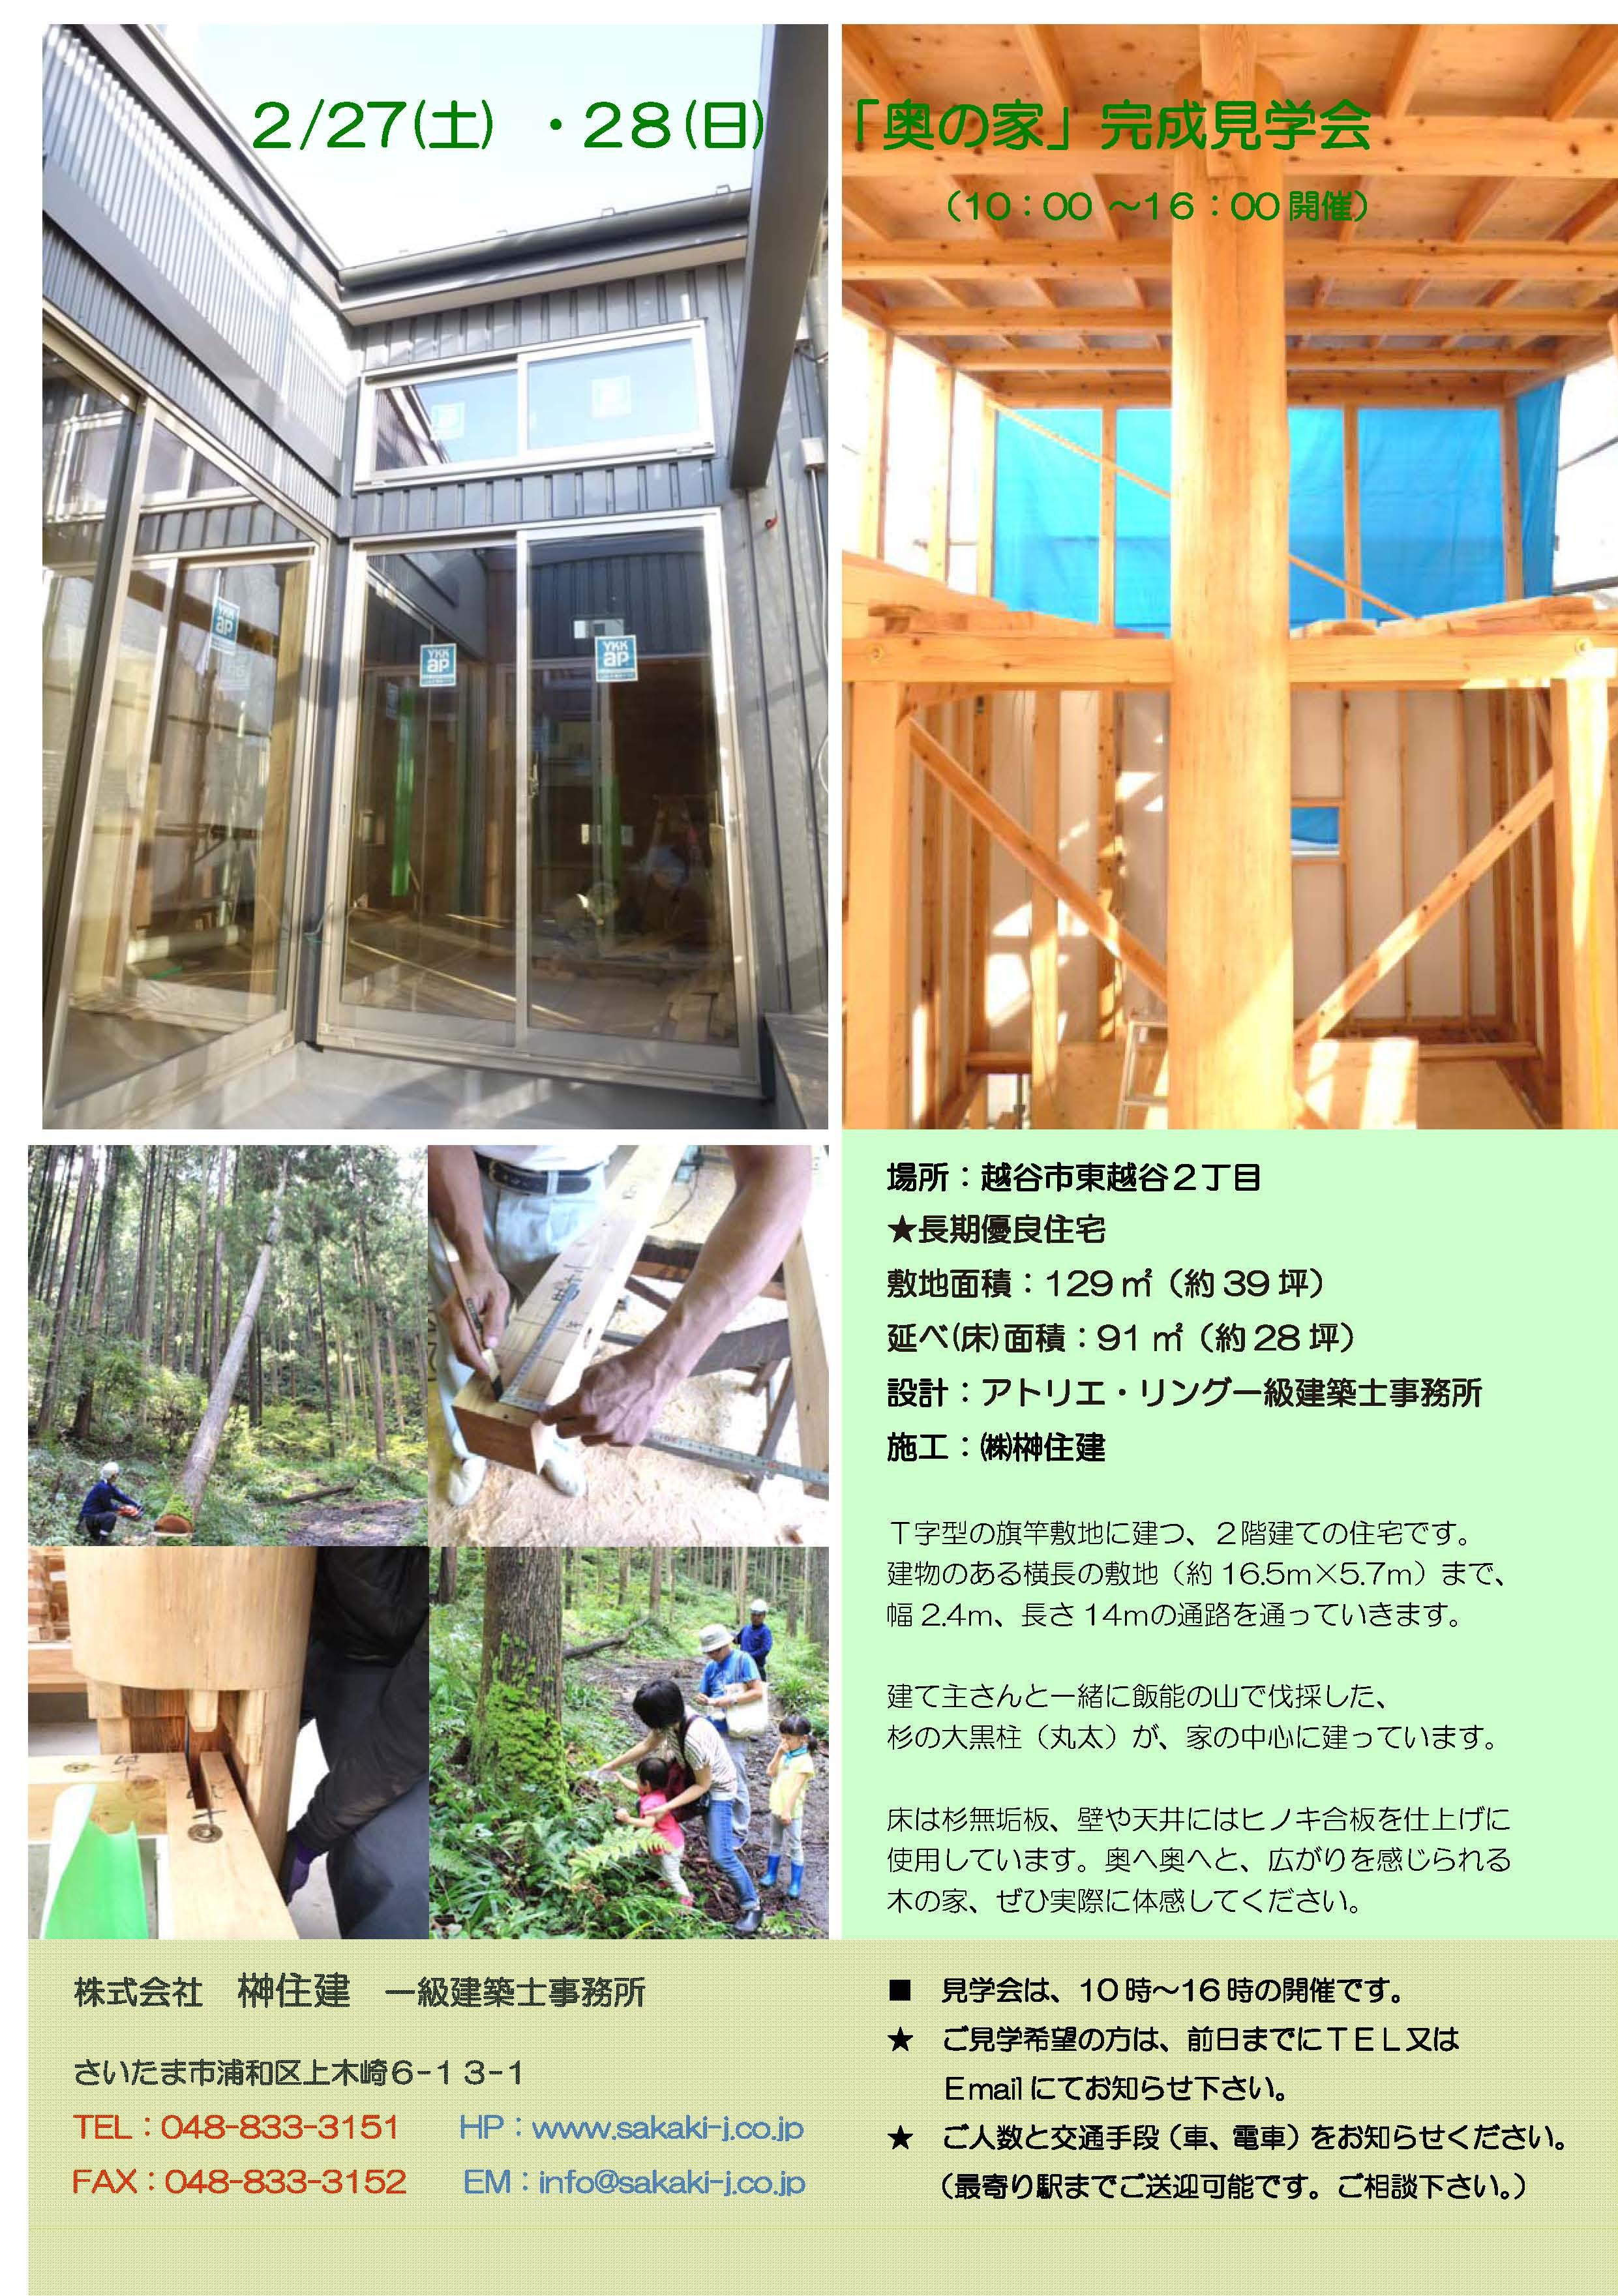 2/27(土)・28(日) 【完成見学会】 at 越谷市